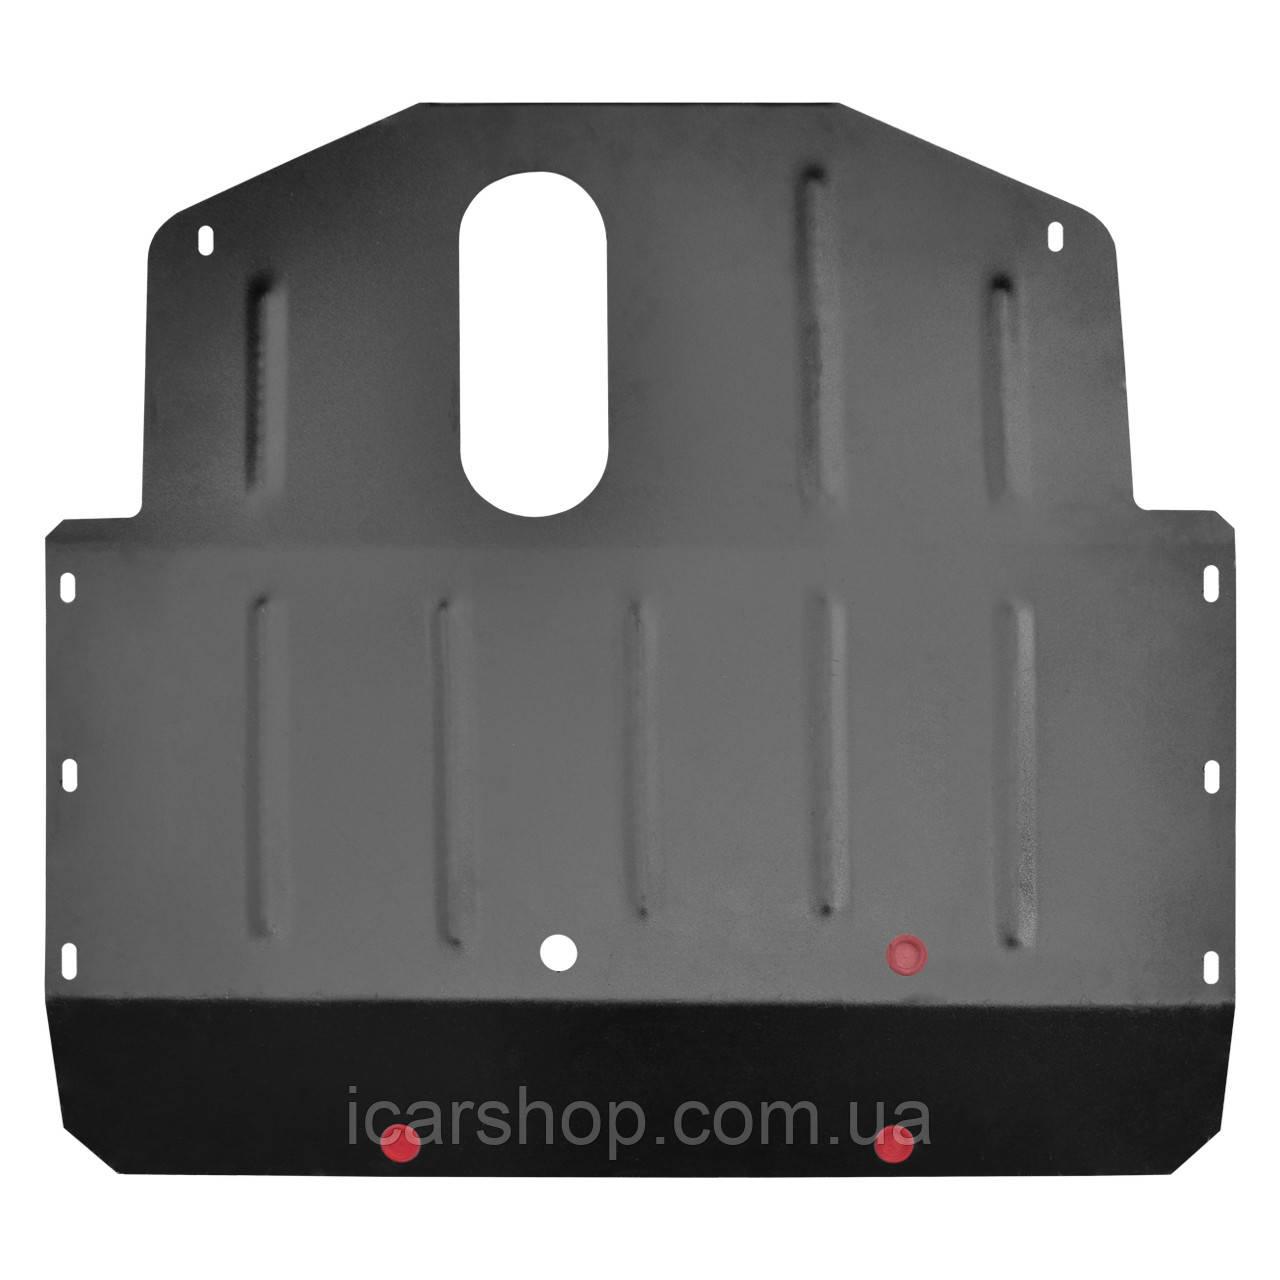 Захист Двигуна / КПП Ford Transit Т-16 00-06 Titan